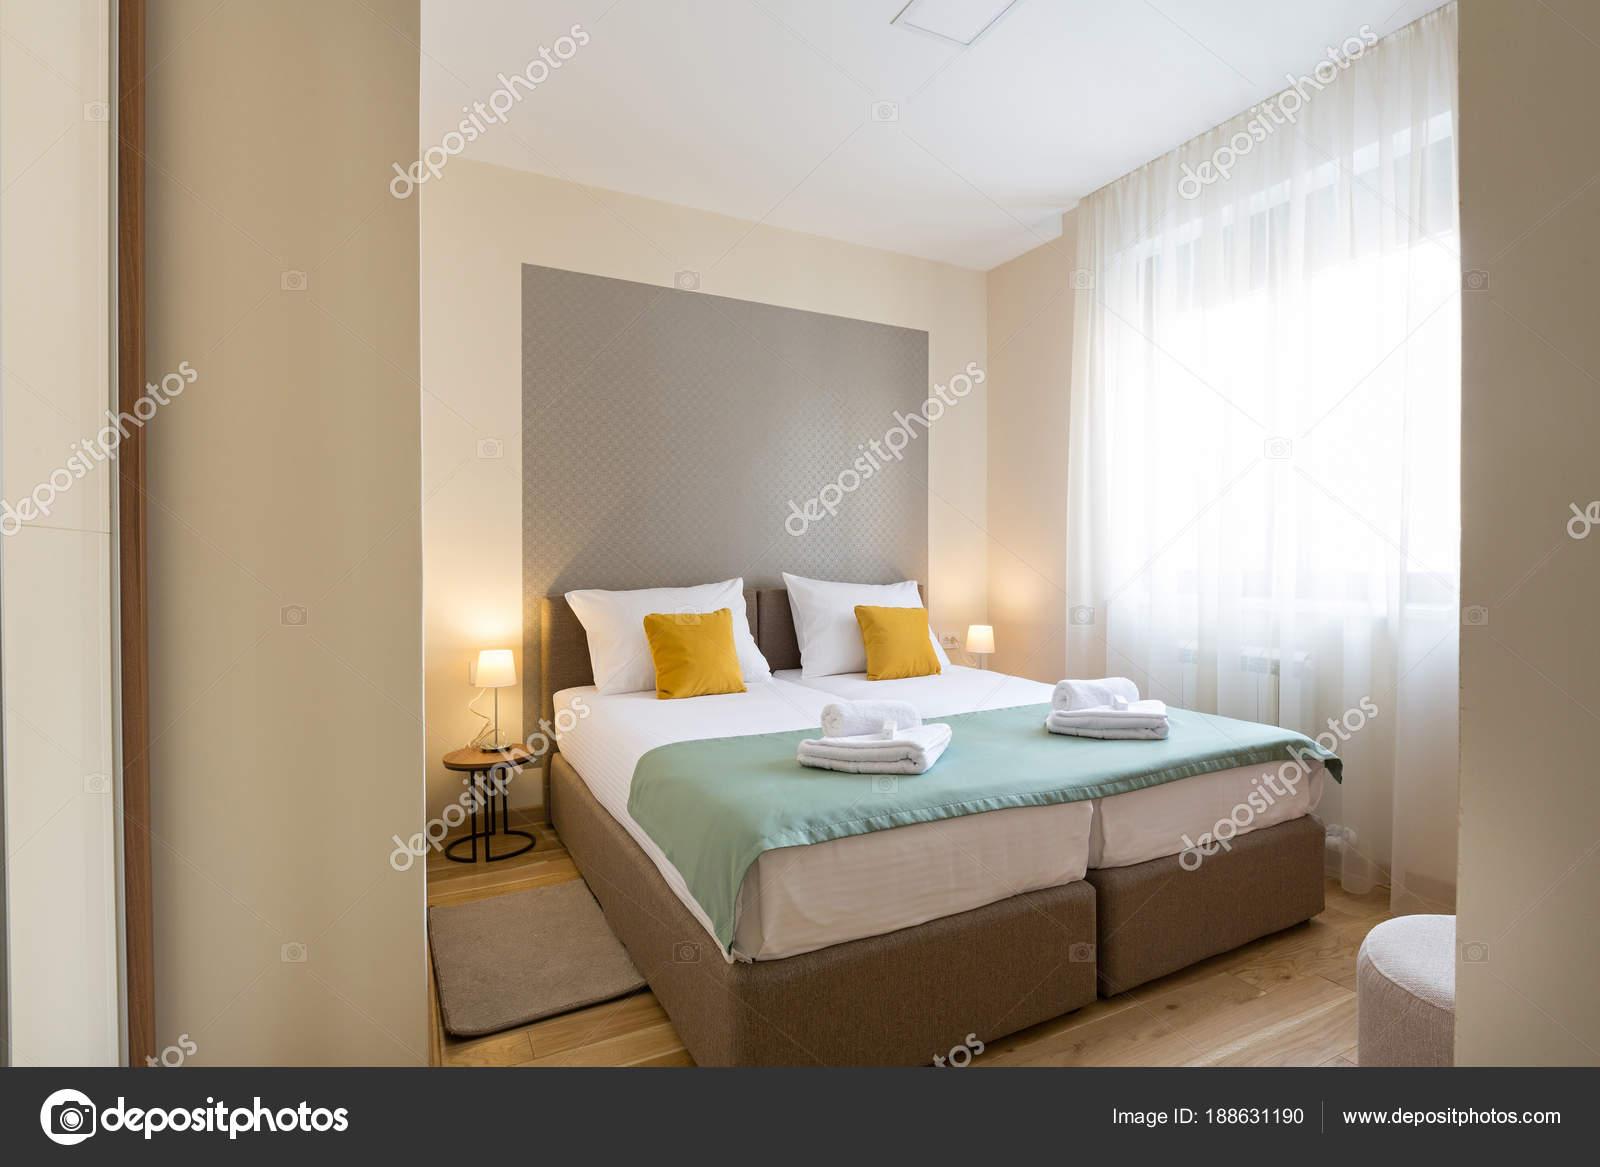 interieur van een hotel slaapkamer met tweepersoonsbed stockfoto